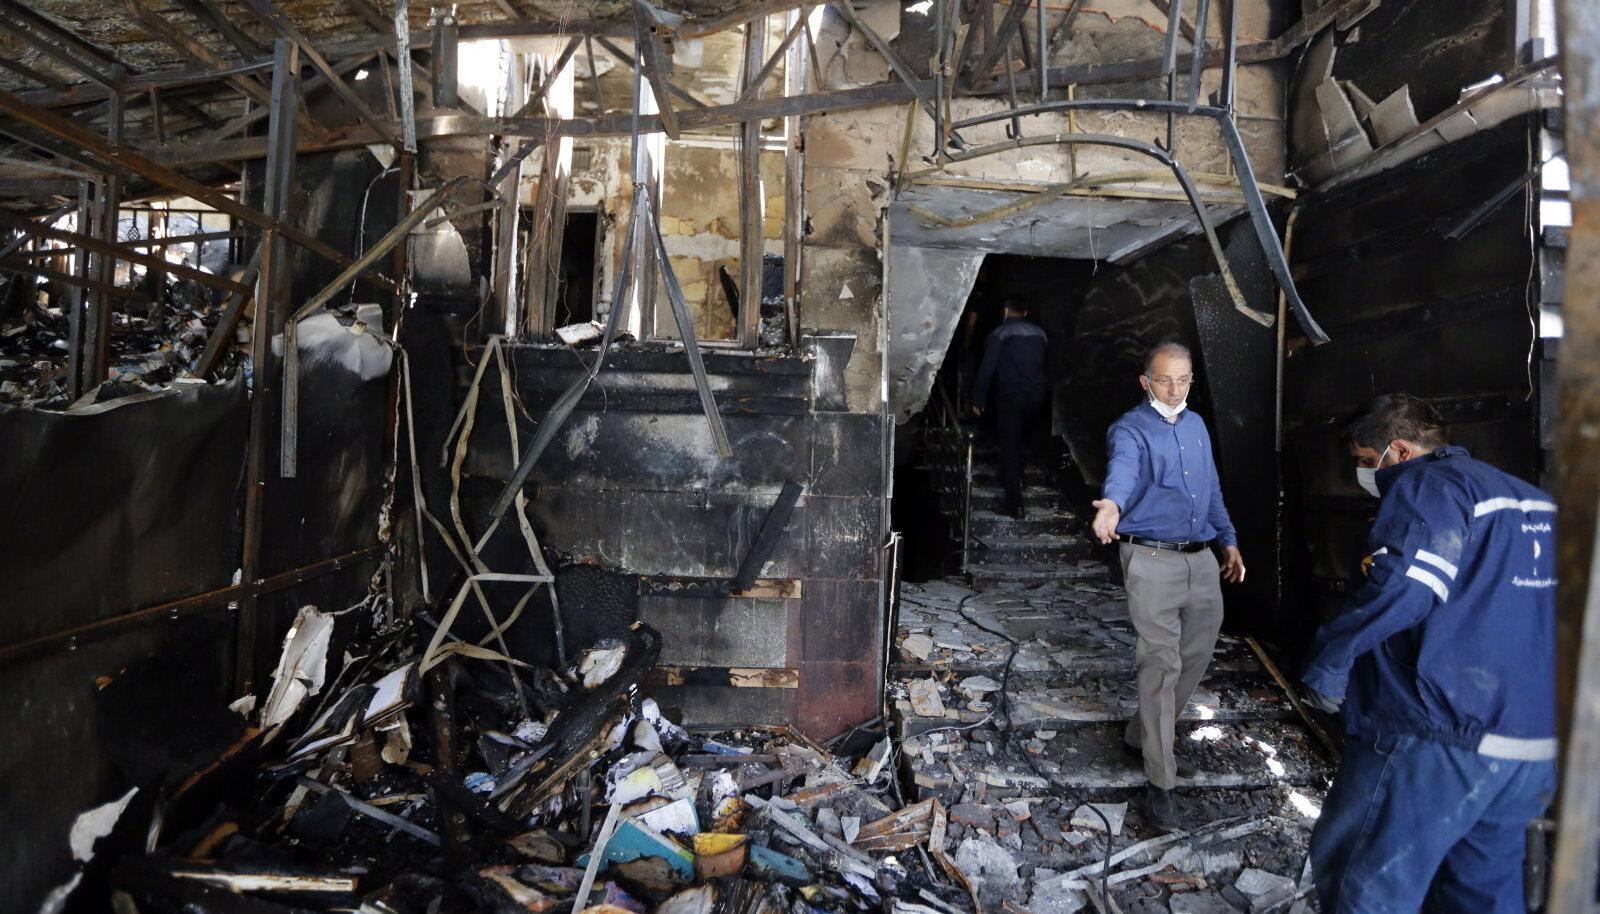 Riismed Teheranis õhku lennanud kliinikust. Plahvatus nõudis 19 inimelu.